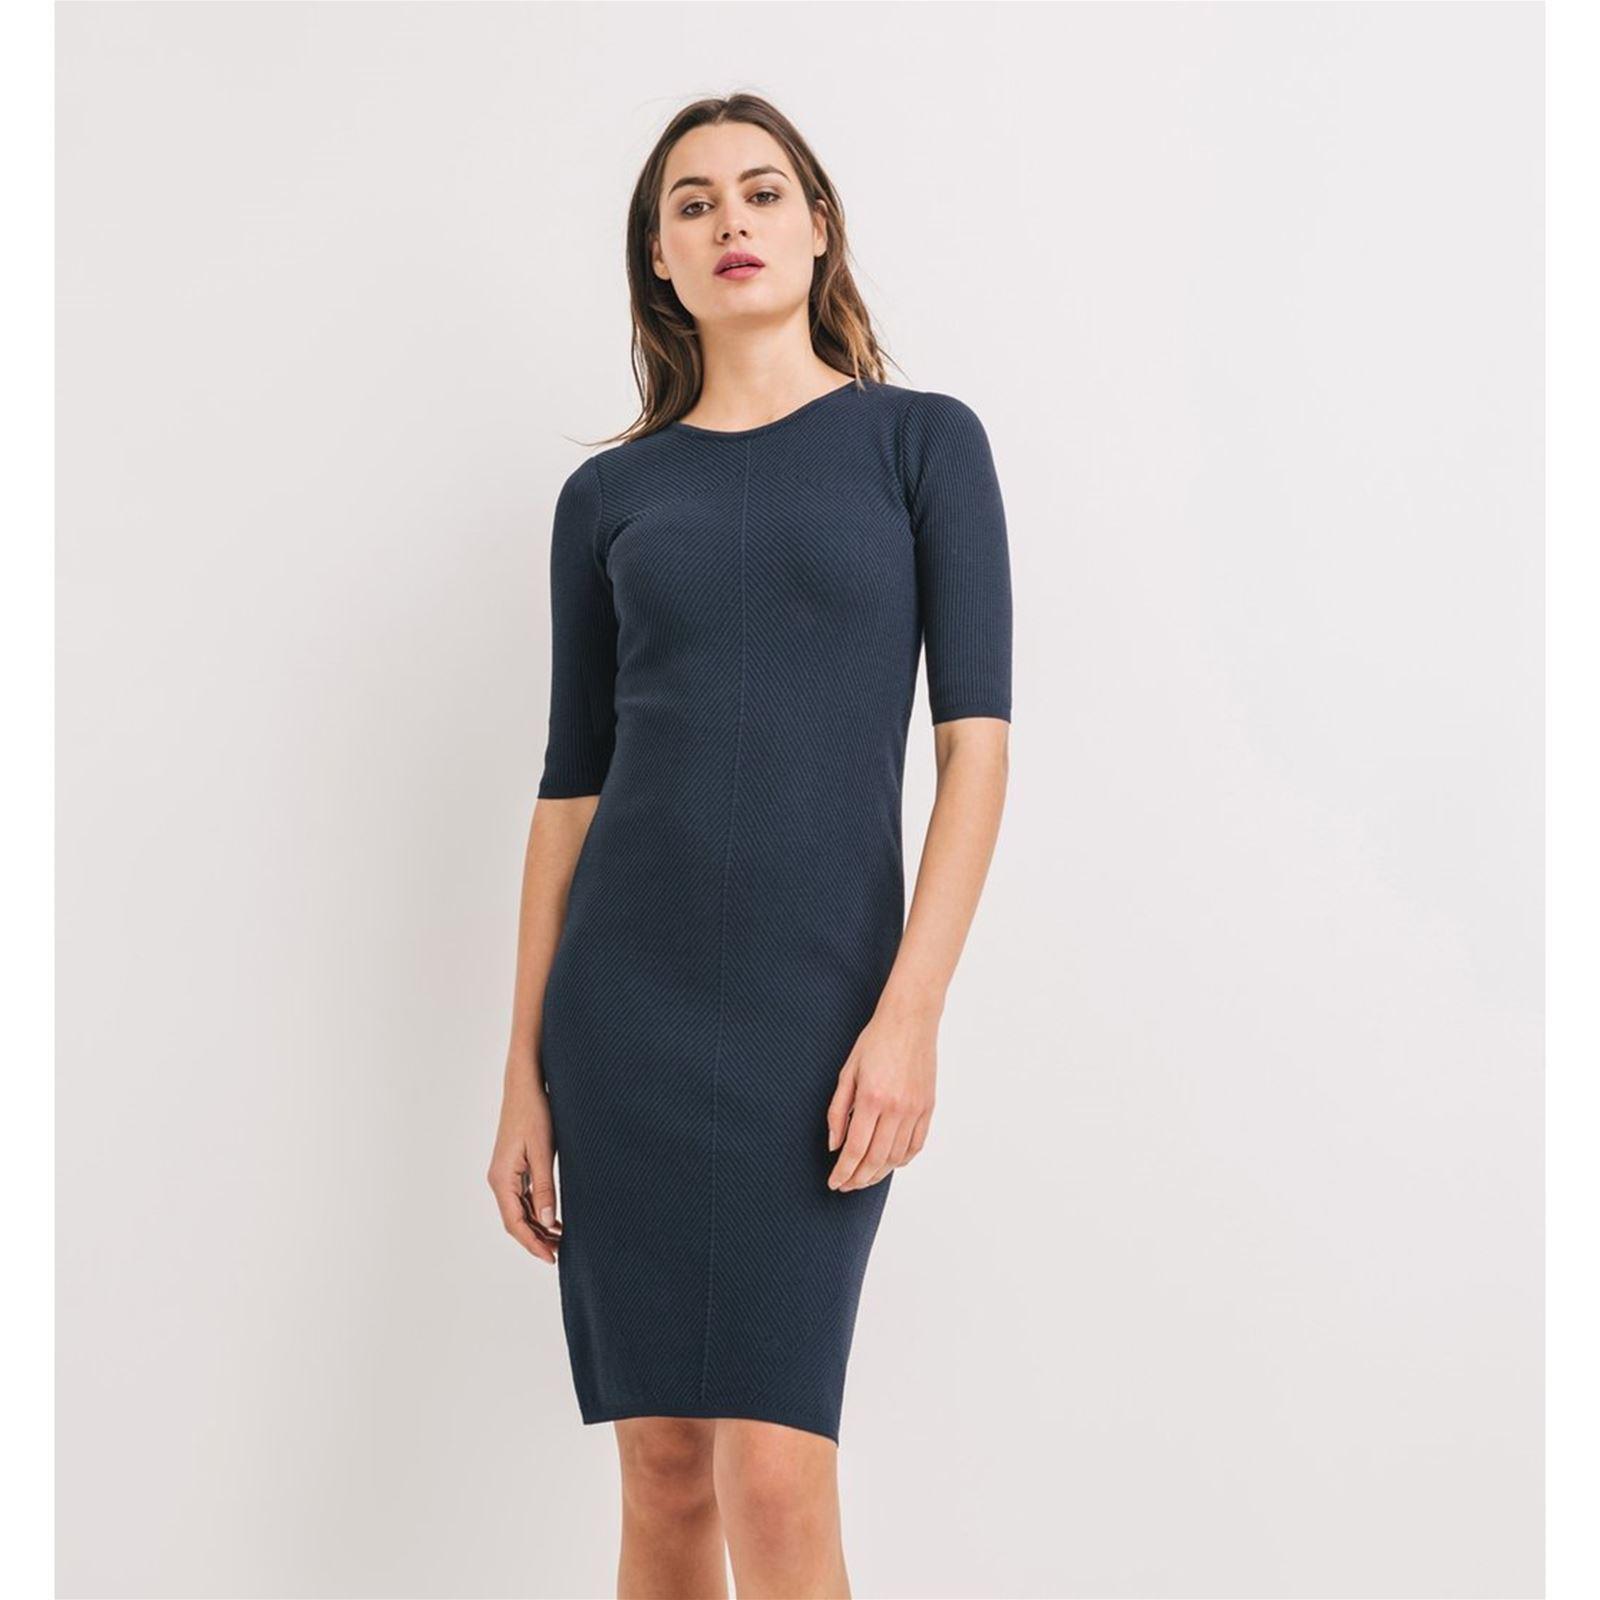 Promod robe bleu